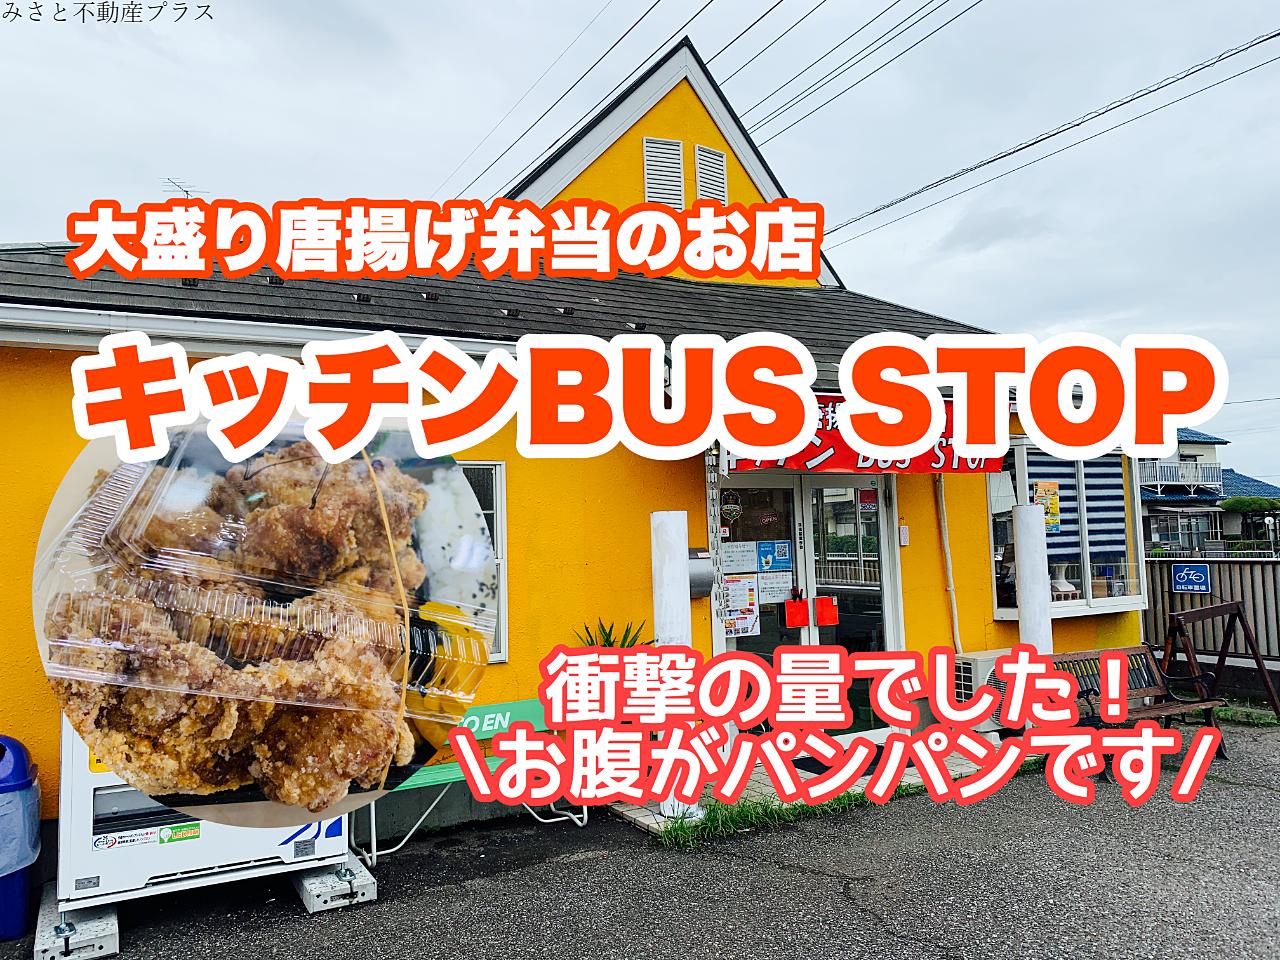 【三郷市食べ歩きブログ】三郷市幸房にある大盛り唐揚げ弁当のお店「キッチンBUS STOP」へ行ってきました!